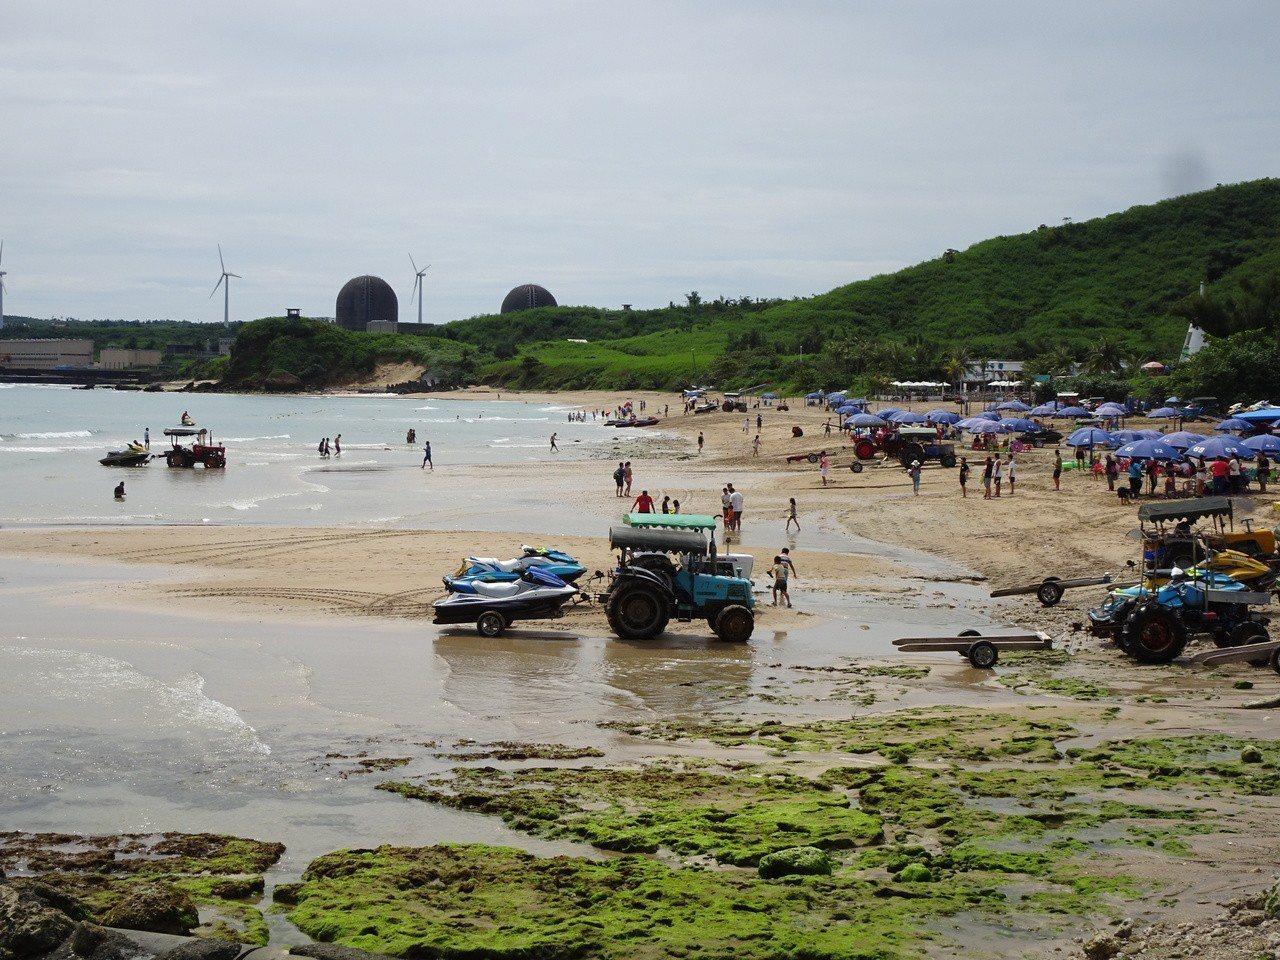 高人氣的墾丁南灣沙灘消失近一半,今天假日遊客還是稀稀落落。記者潘欣中/攝影